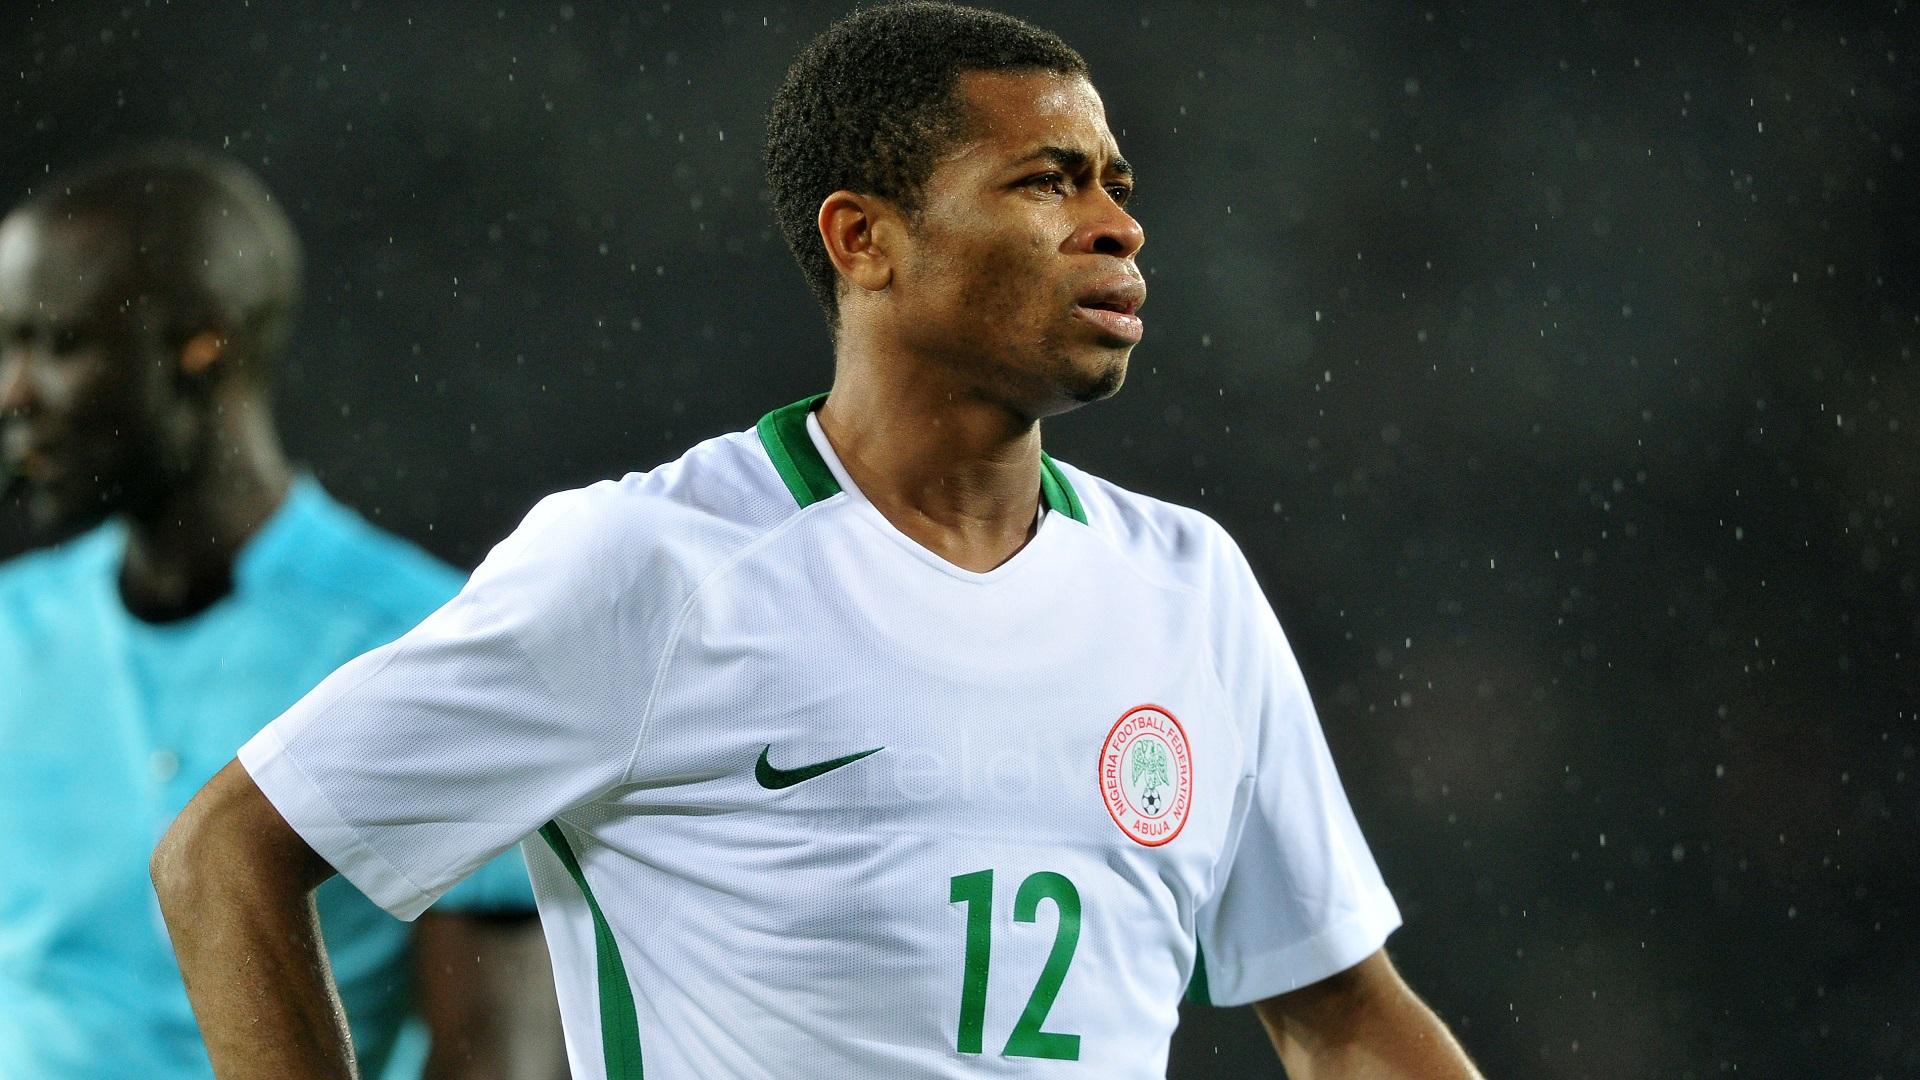 Ikeowum Udo-Utin joins Bnei Saknin FC on a season long loan